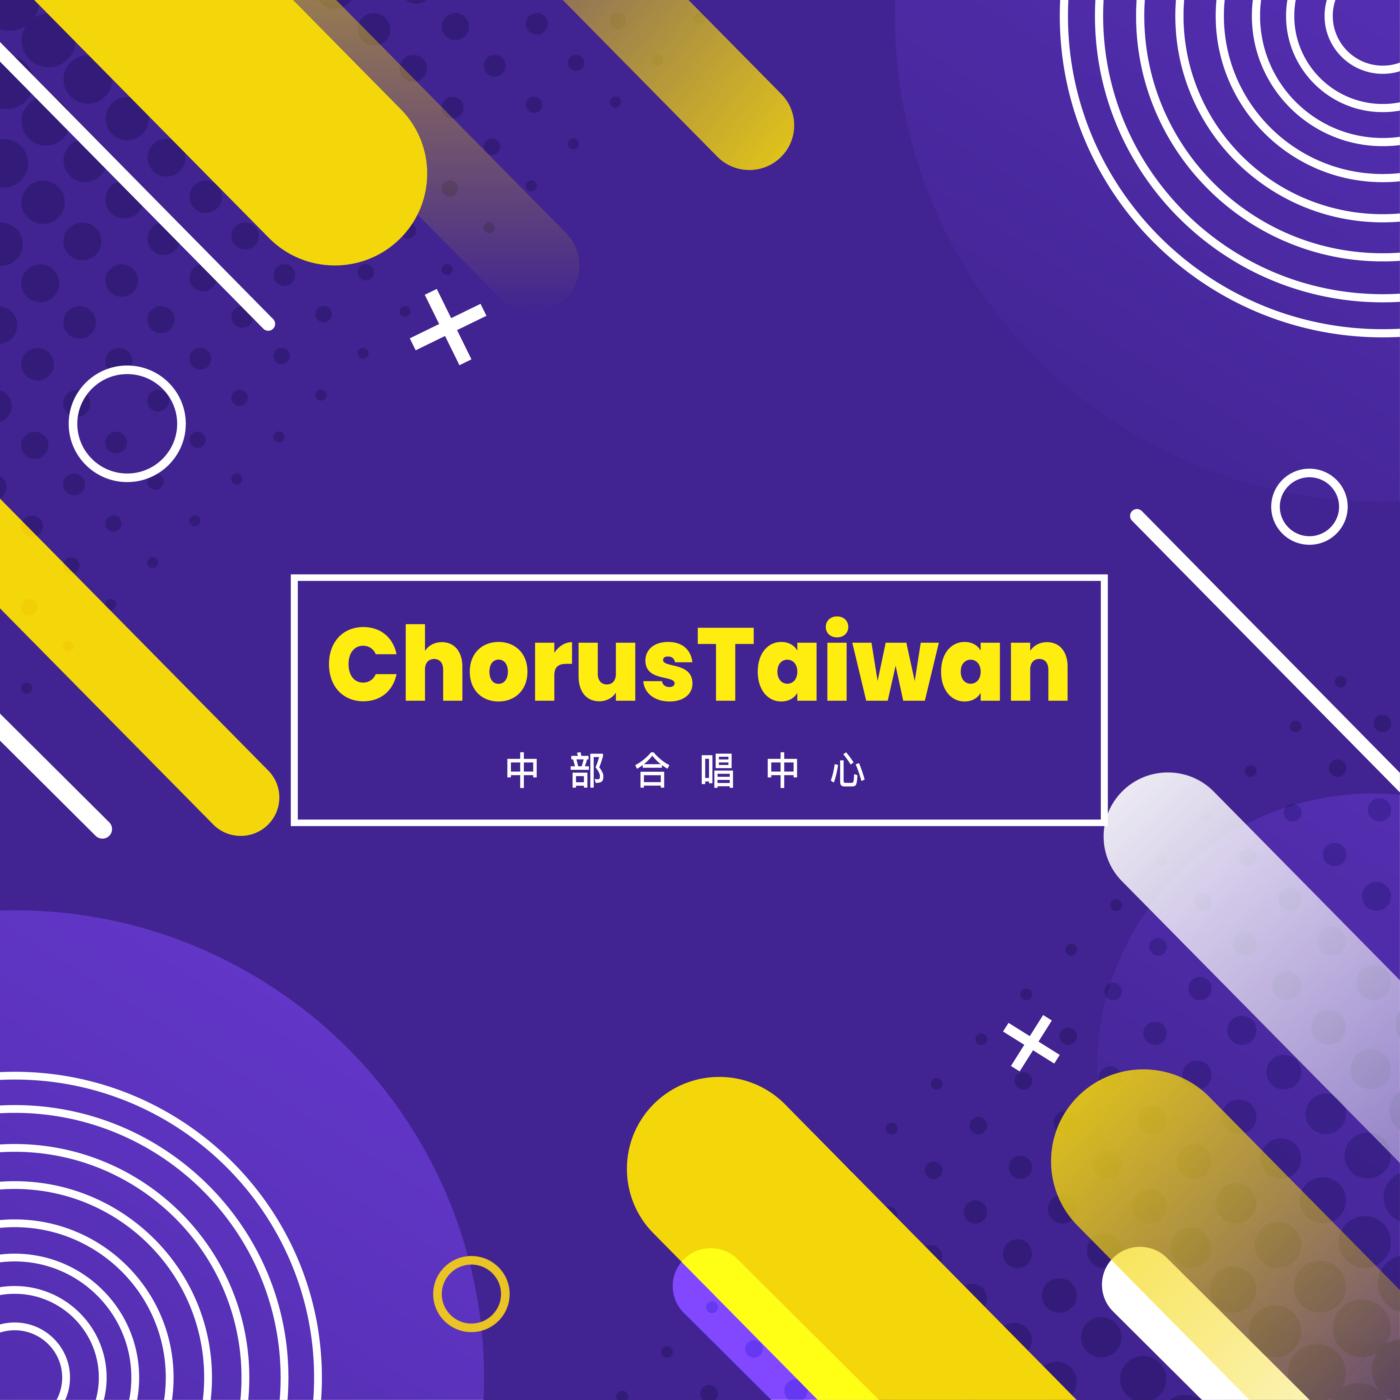 Chorus Taiwan